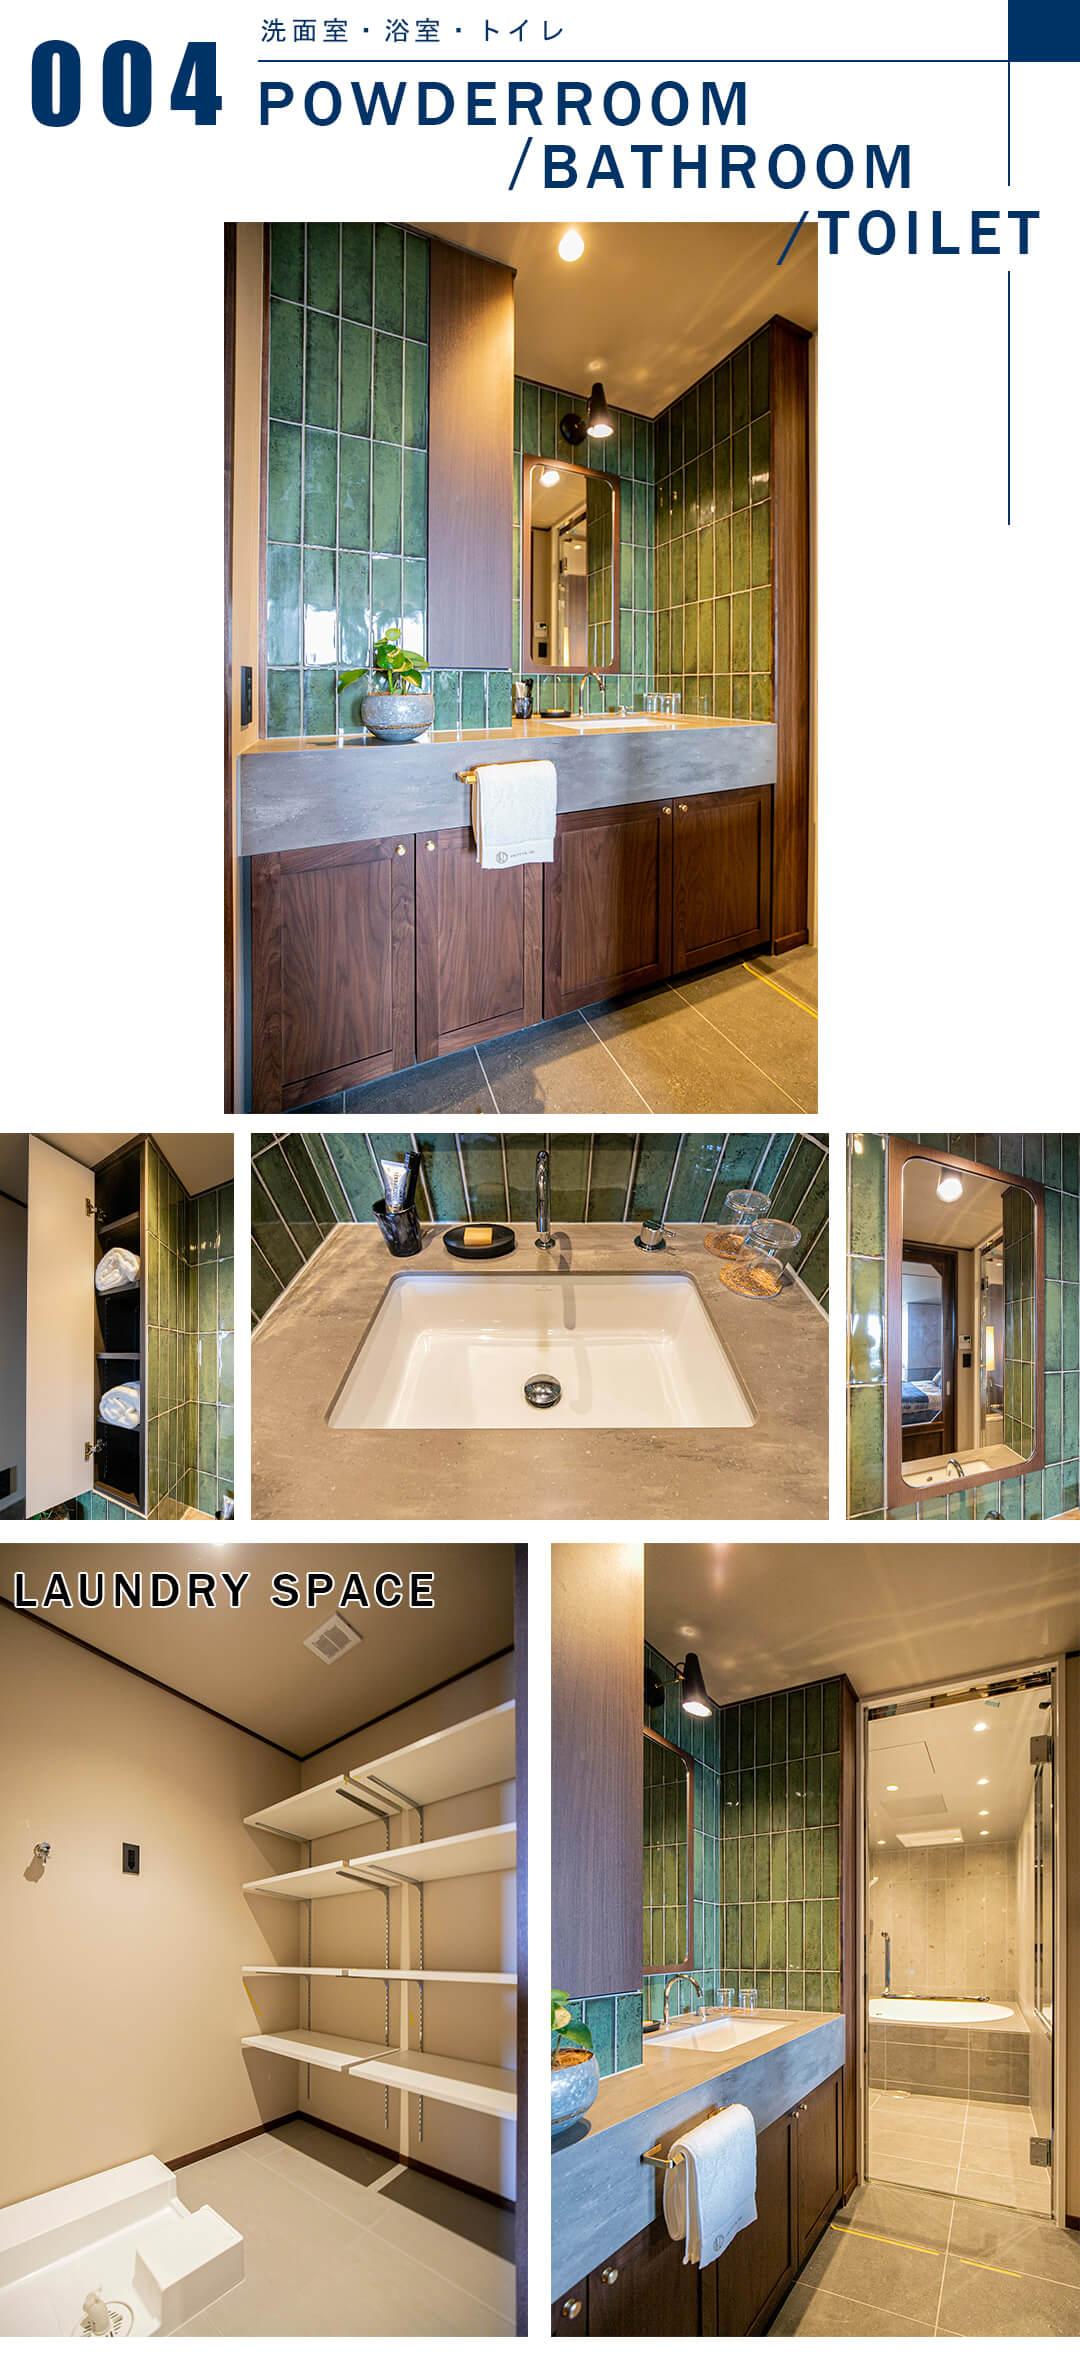 グランドメゾン南青山の洗面室とレンドリースペース